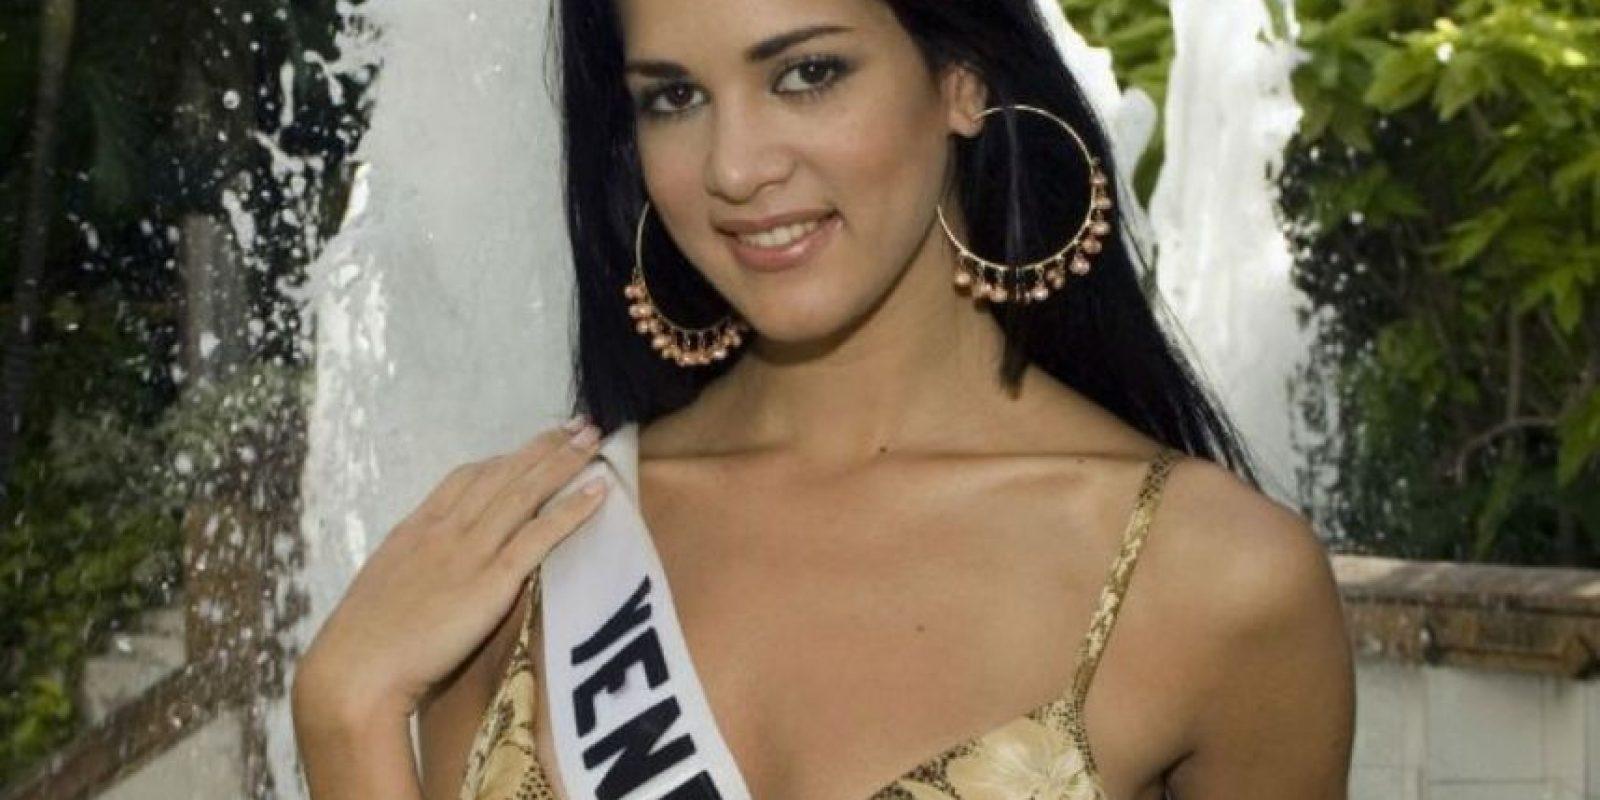 Monica Spear. La actriz, modelo y reina de belleza venezolana que fue asesinada el pasado 6 de enero de 2014 junto con su esposo durante un asalto en una carretera de ese país. Foto:Getty Images